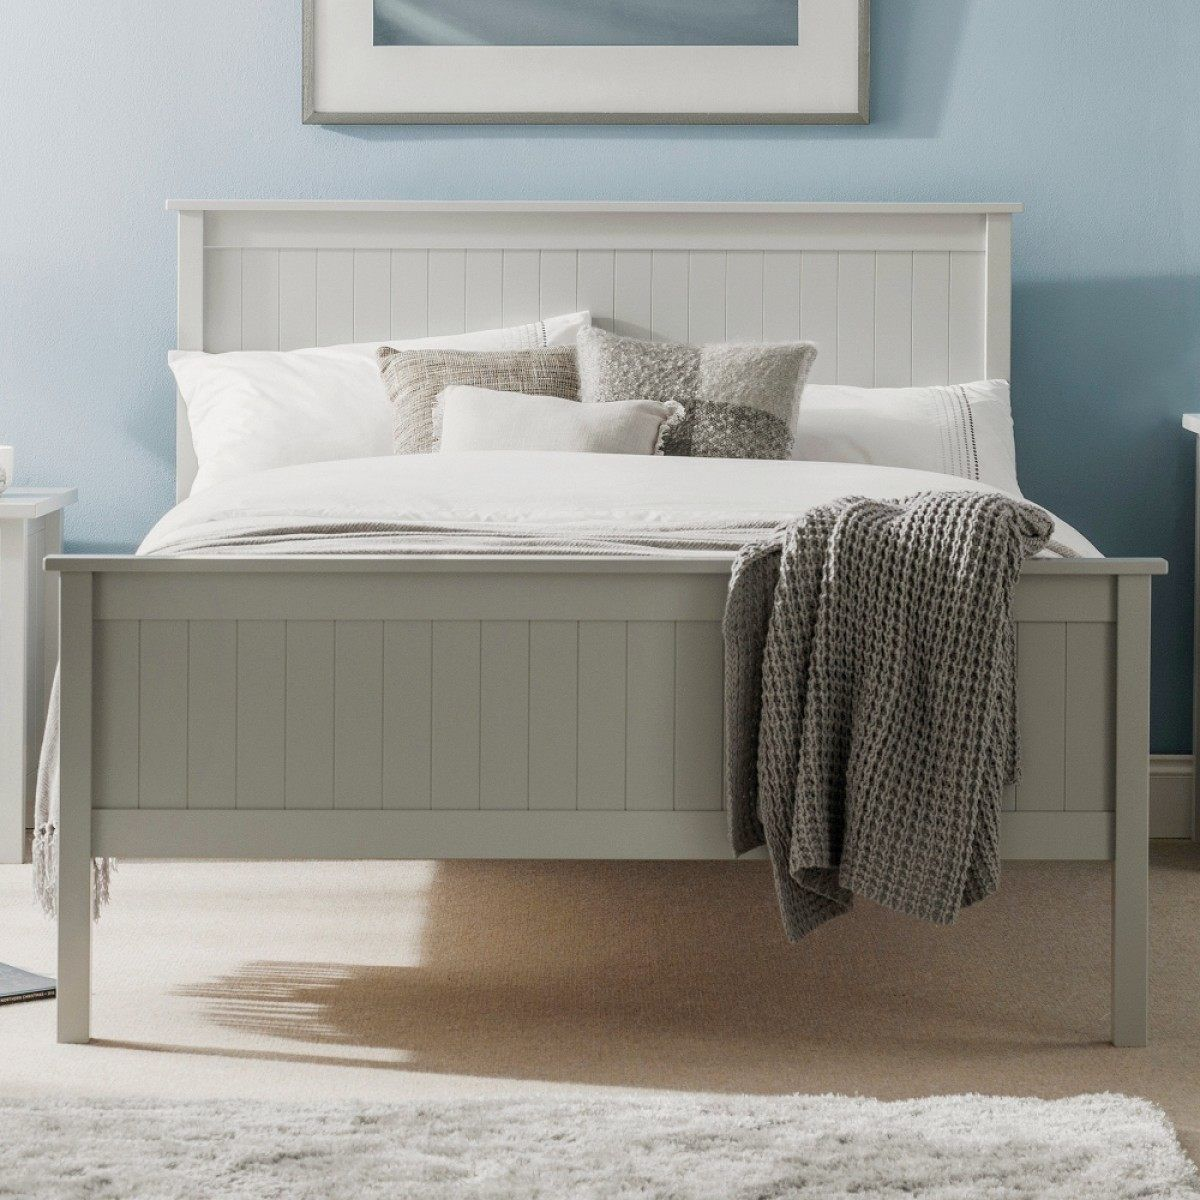 Maine Dove Grey Wooden Bed In 2019 Master Bedroom Grey